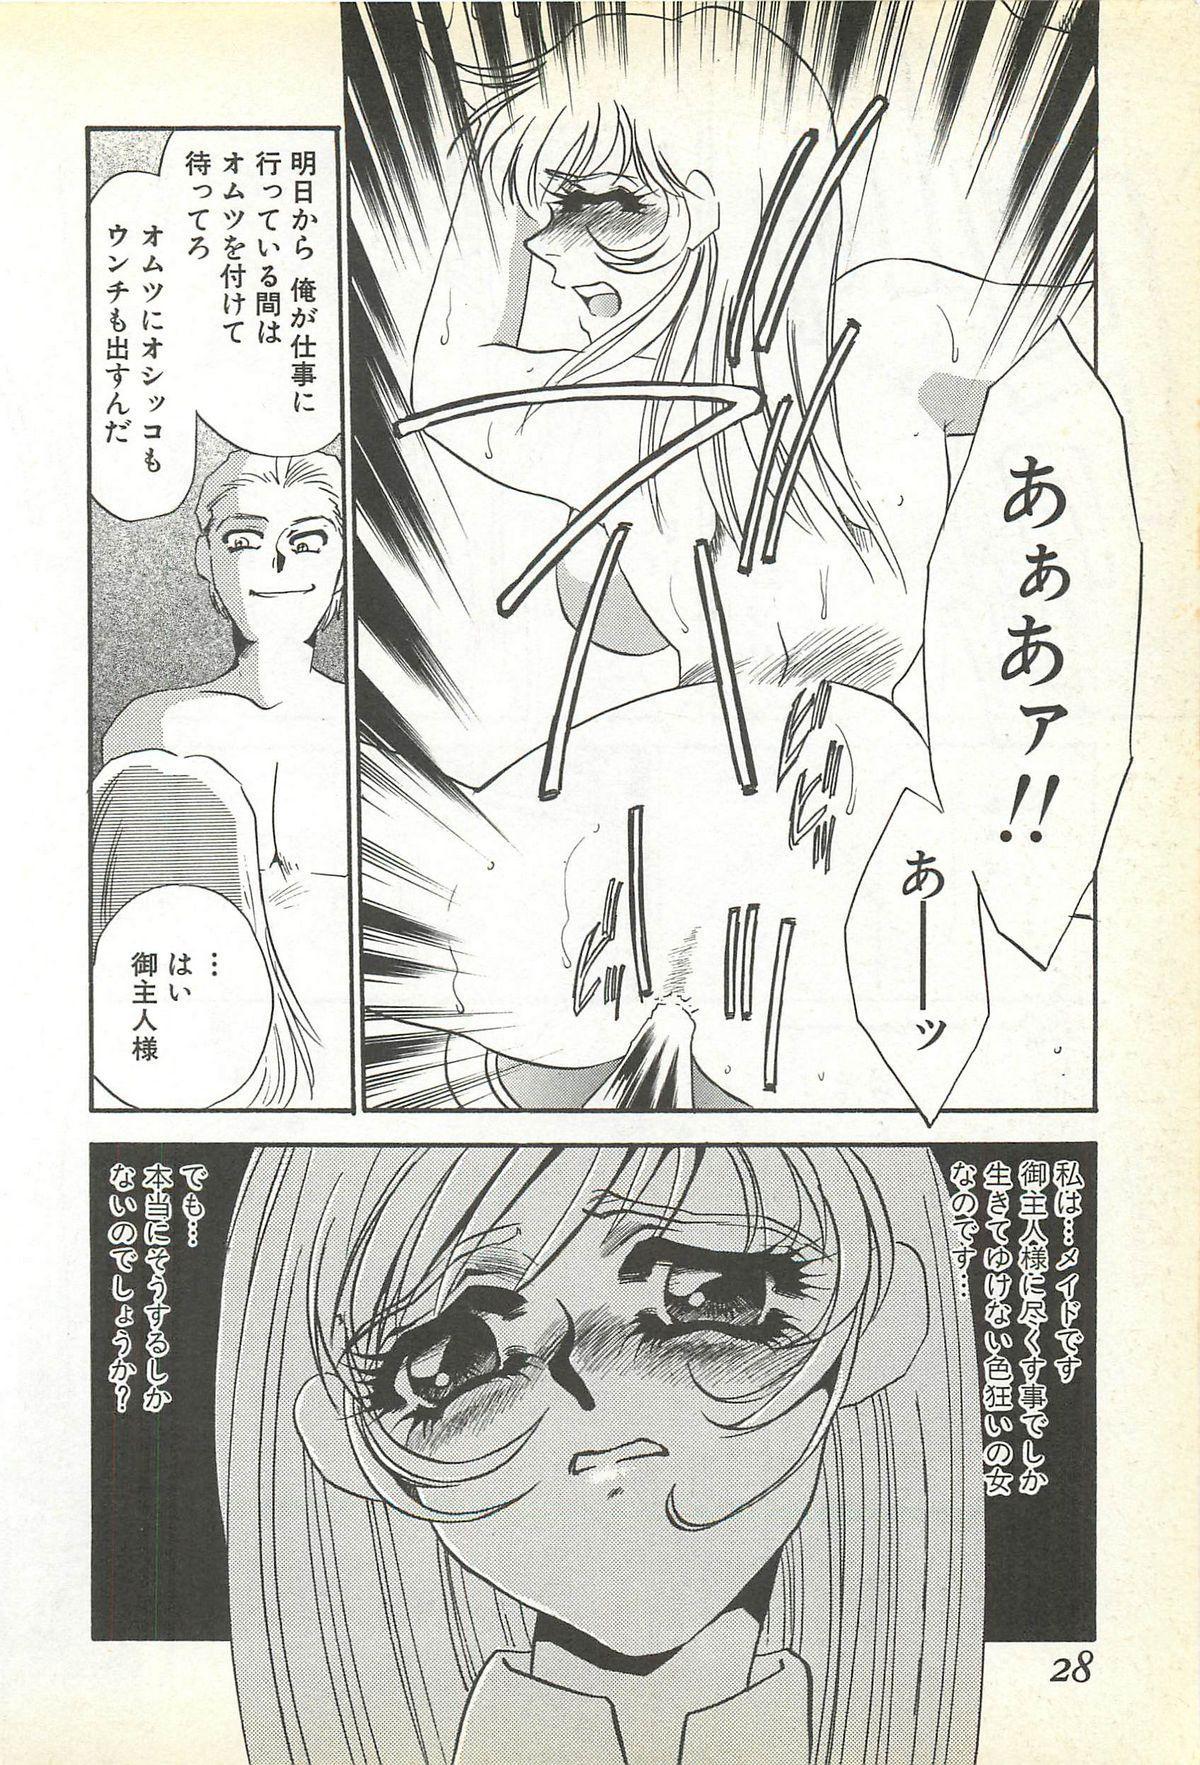 Chigyaku no Heya - A Shameful Punishment Room 24